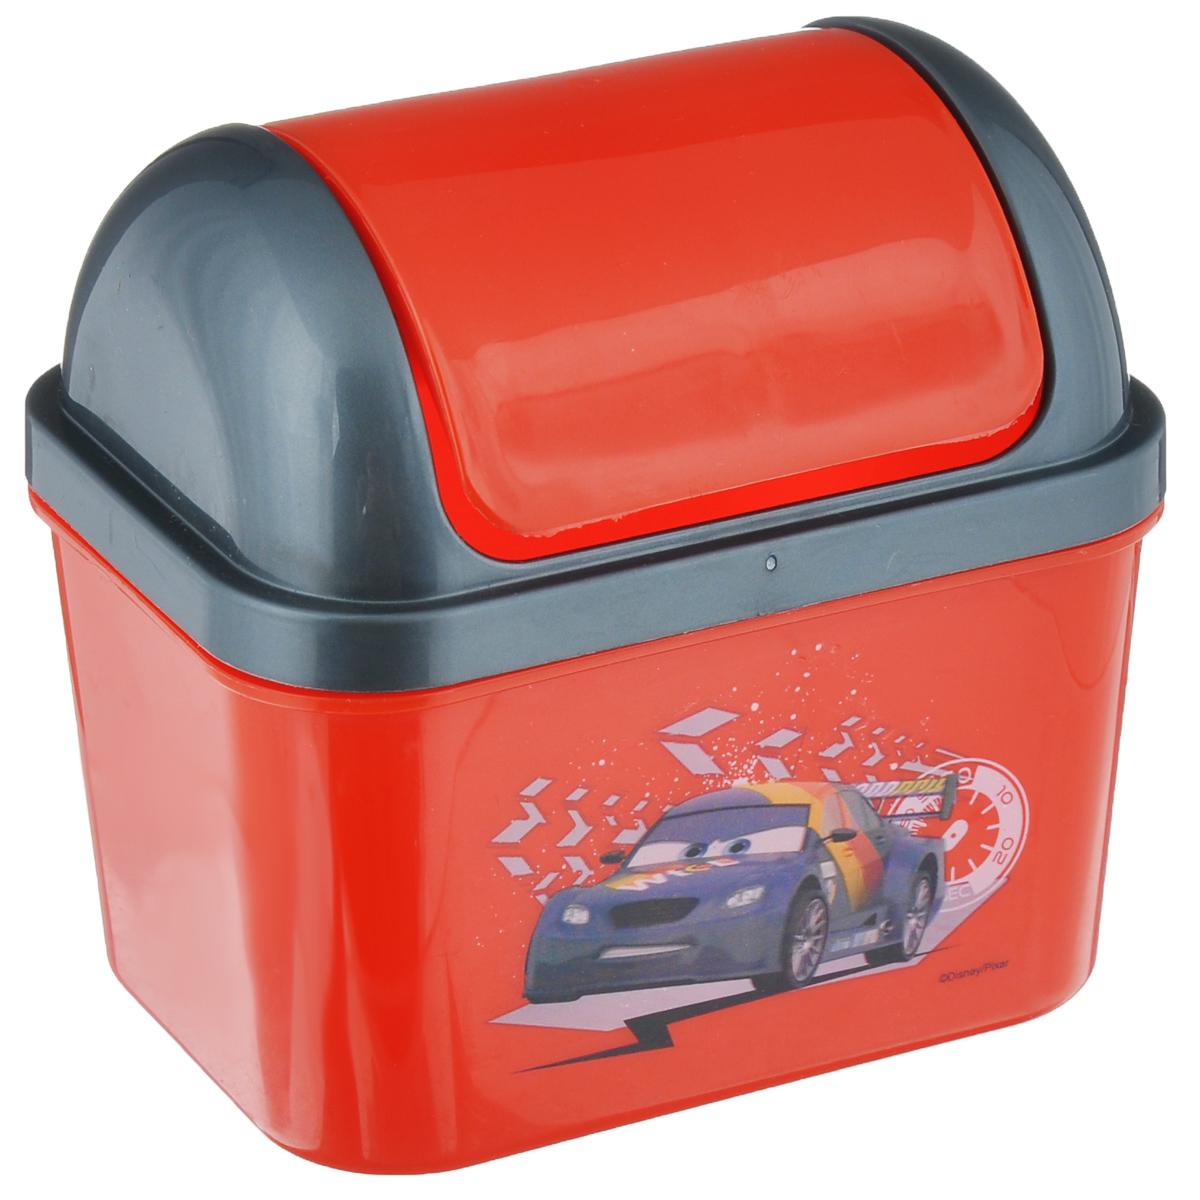 Контейнер для мусора Полимербыт Тачки, 0,5PANTERA SPX-2RSДетский контейнер для мусора Полимербыт Тачки выполнен из высококачественного пластика и украшен изображением героя мультфильма. Изделие оснащено плавающей крышкой. Такой контейнер подойдет для выбрасывания небольших отходов, таких как бумага, стружка карандаша, фантики.Размер контейнера с учетом крышки: 11,5 см х 8,5 см х 11 см.Размер контейнера с без учета крышки: 11,5 см х 8,5 см х 7 см.